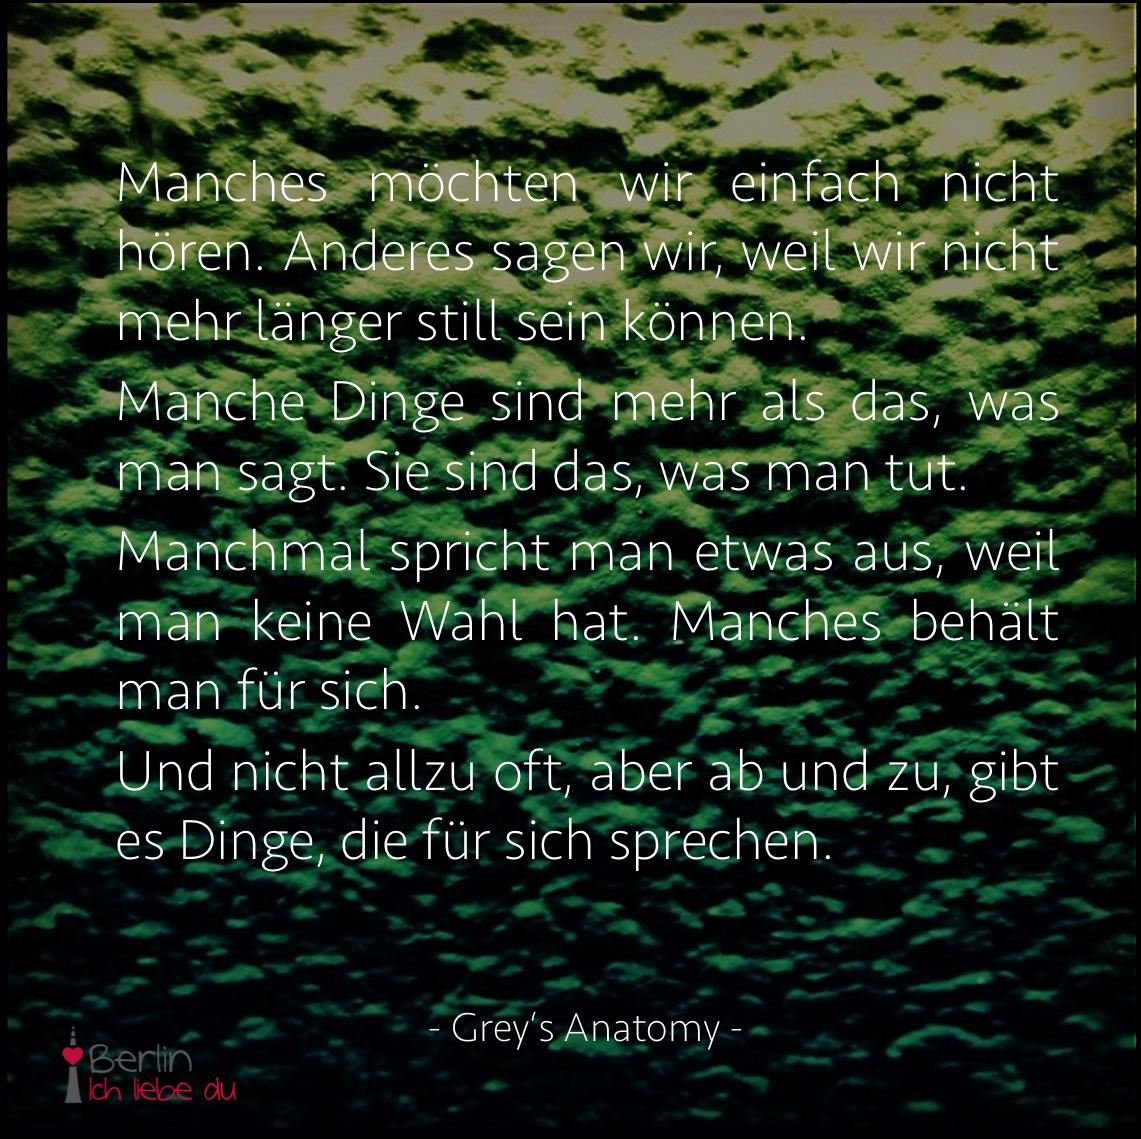 unsere liebsten berliner sprüche | sprüche, zitate